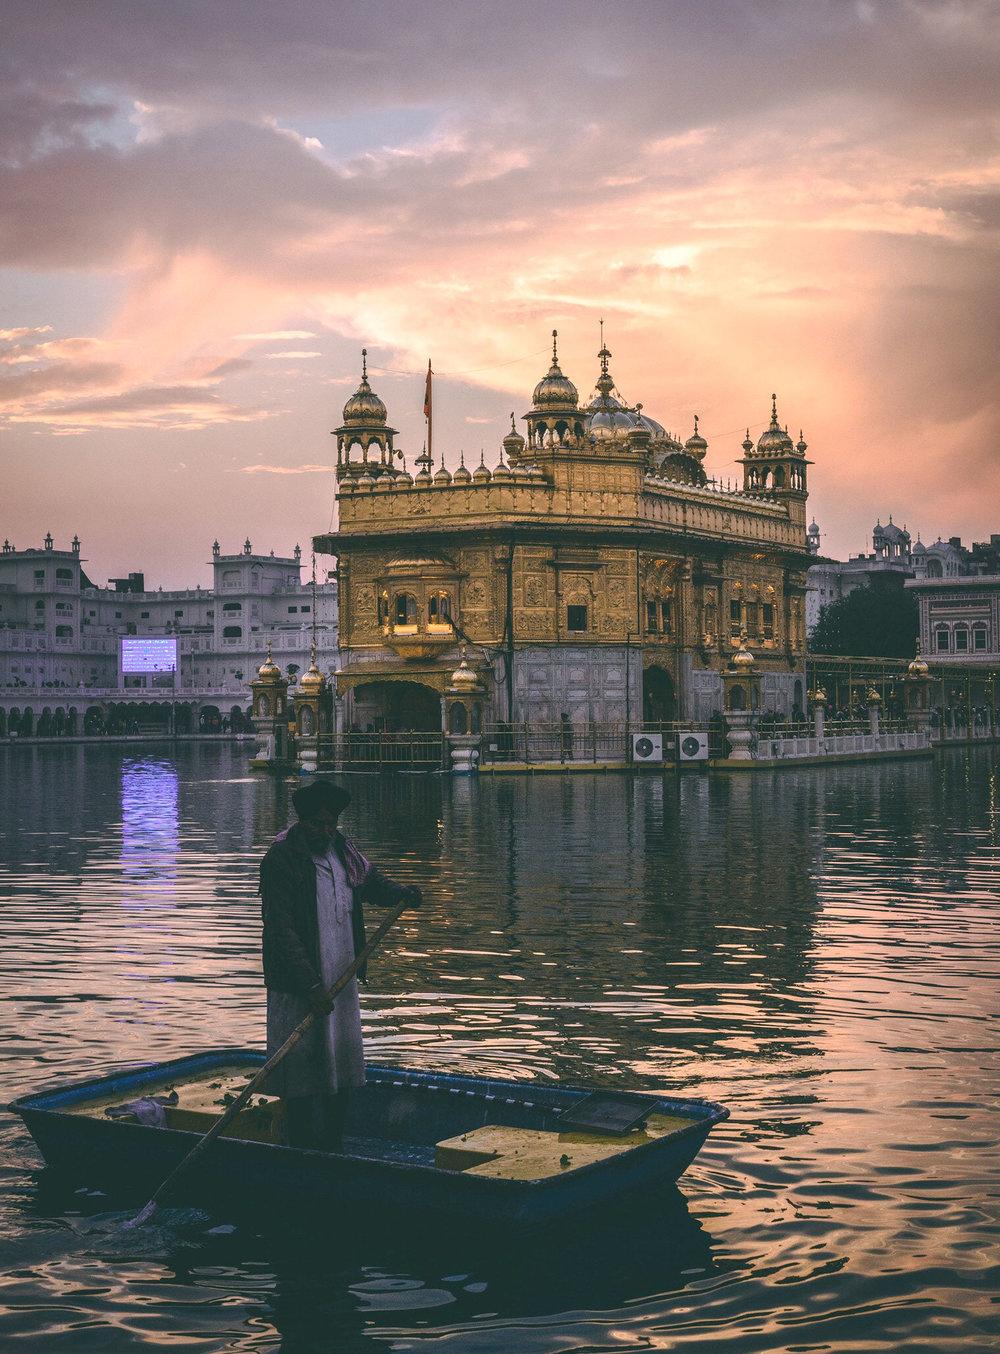 """Amritsar— - Amritsar significa """"Estanque del Néctar de la Inmortalidad"""". Fue fundada en 1577 por Guru Ram Das, el cuarto Gurú de la línea Sikh.En esta ajetreada y concurrida ciudad, se encuentra el Templo Dorado, localmente conocido como el Harimandir Sahib, """"El Templo de Dios"""", un oasis de calma y paz, donde se escuchan cantos sagrados (Kirtan) todo el día y gran parte de la noche.Más Información: Descargar Catálogo"""